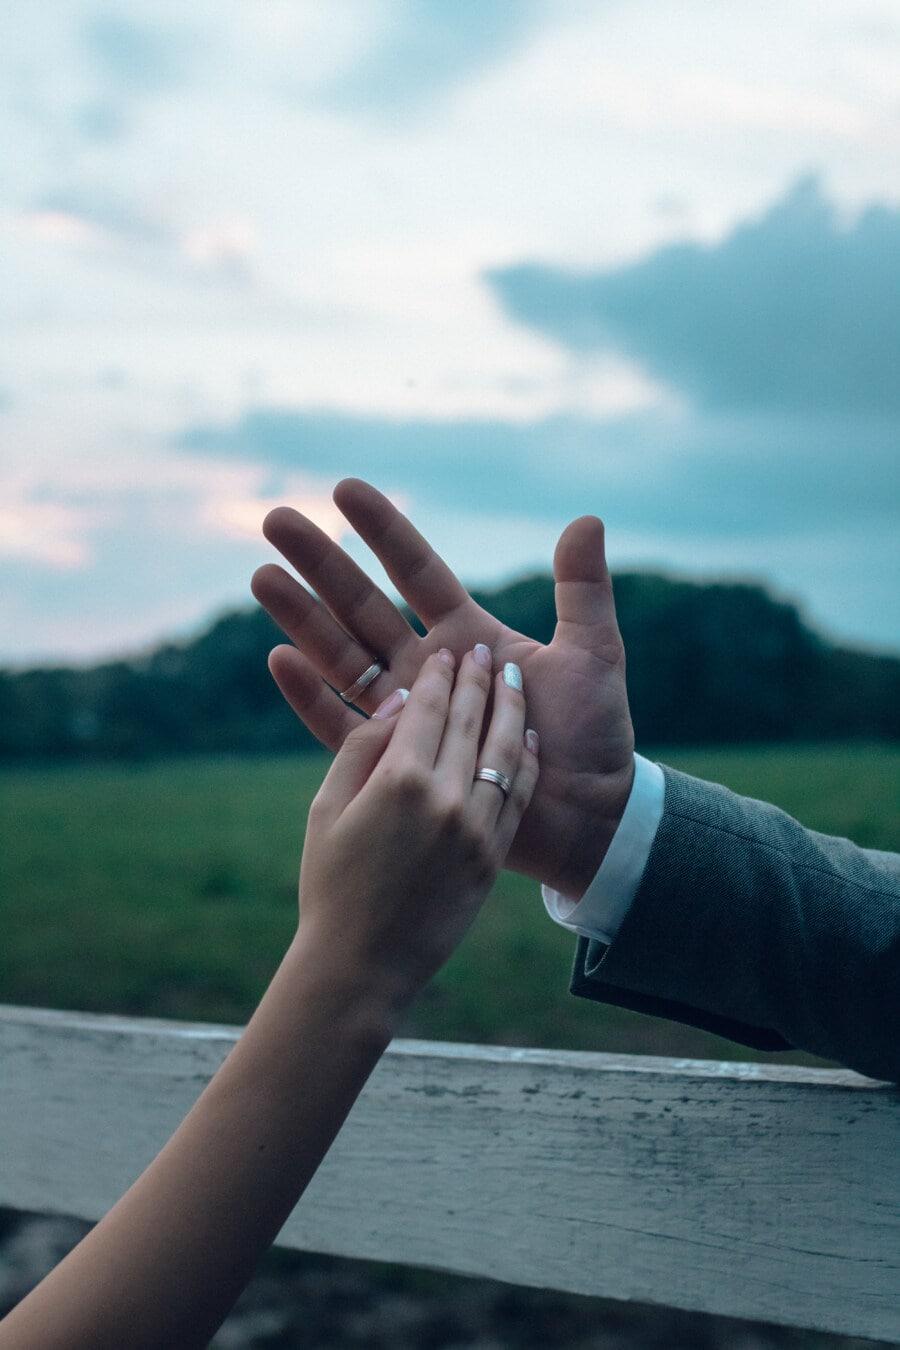 tenersi per mano, tocco, fiducia, da vicino, uomo, mani, donna, matrimonio, tenerezza, anello di nozze